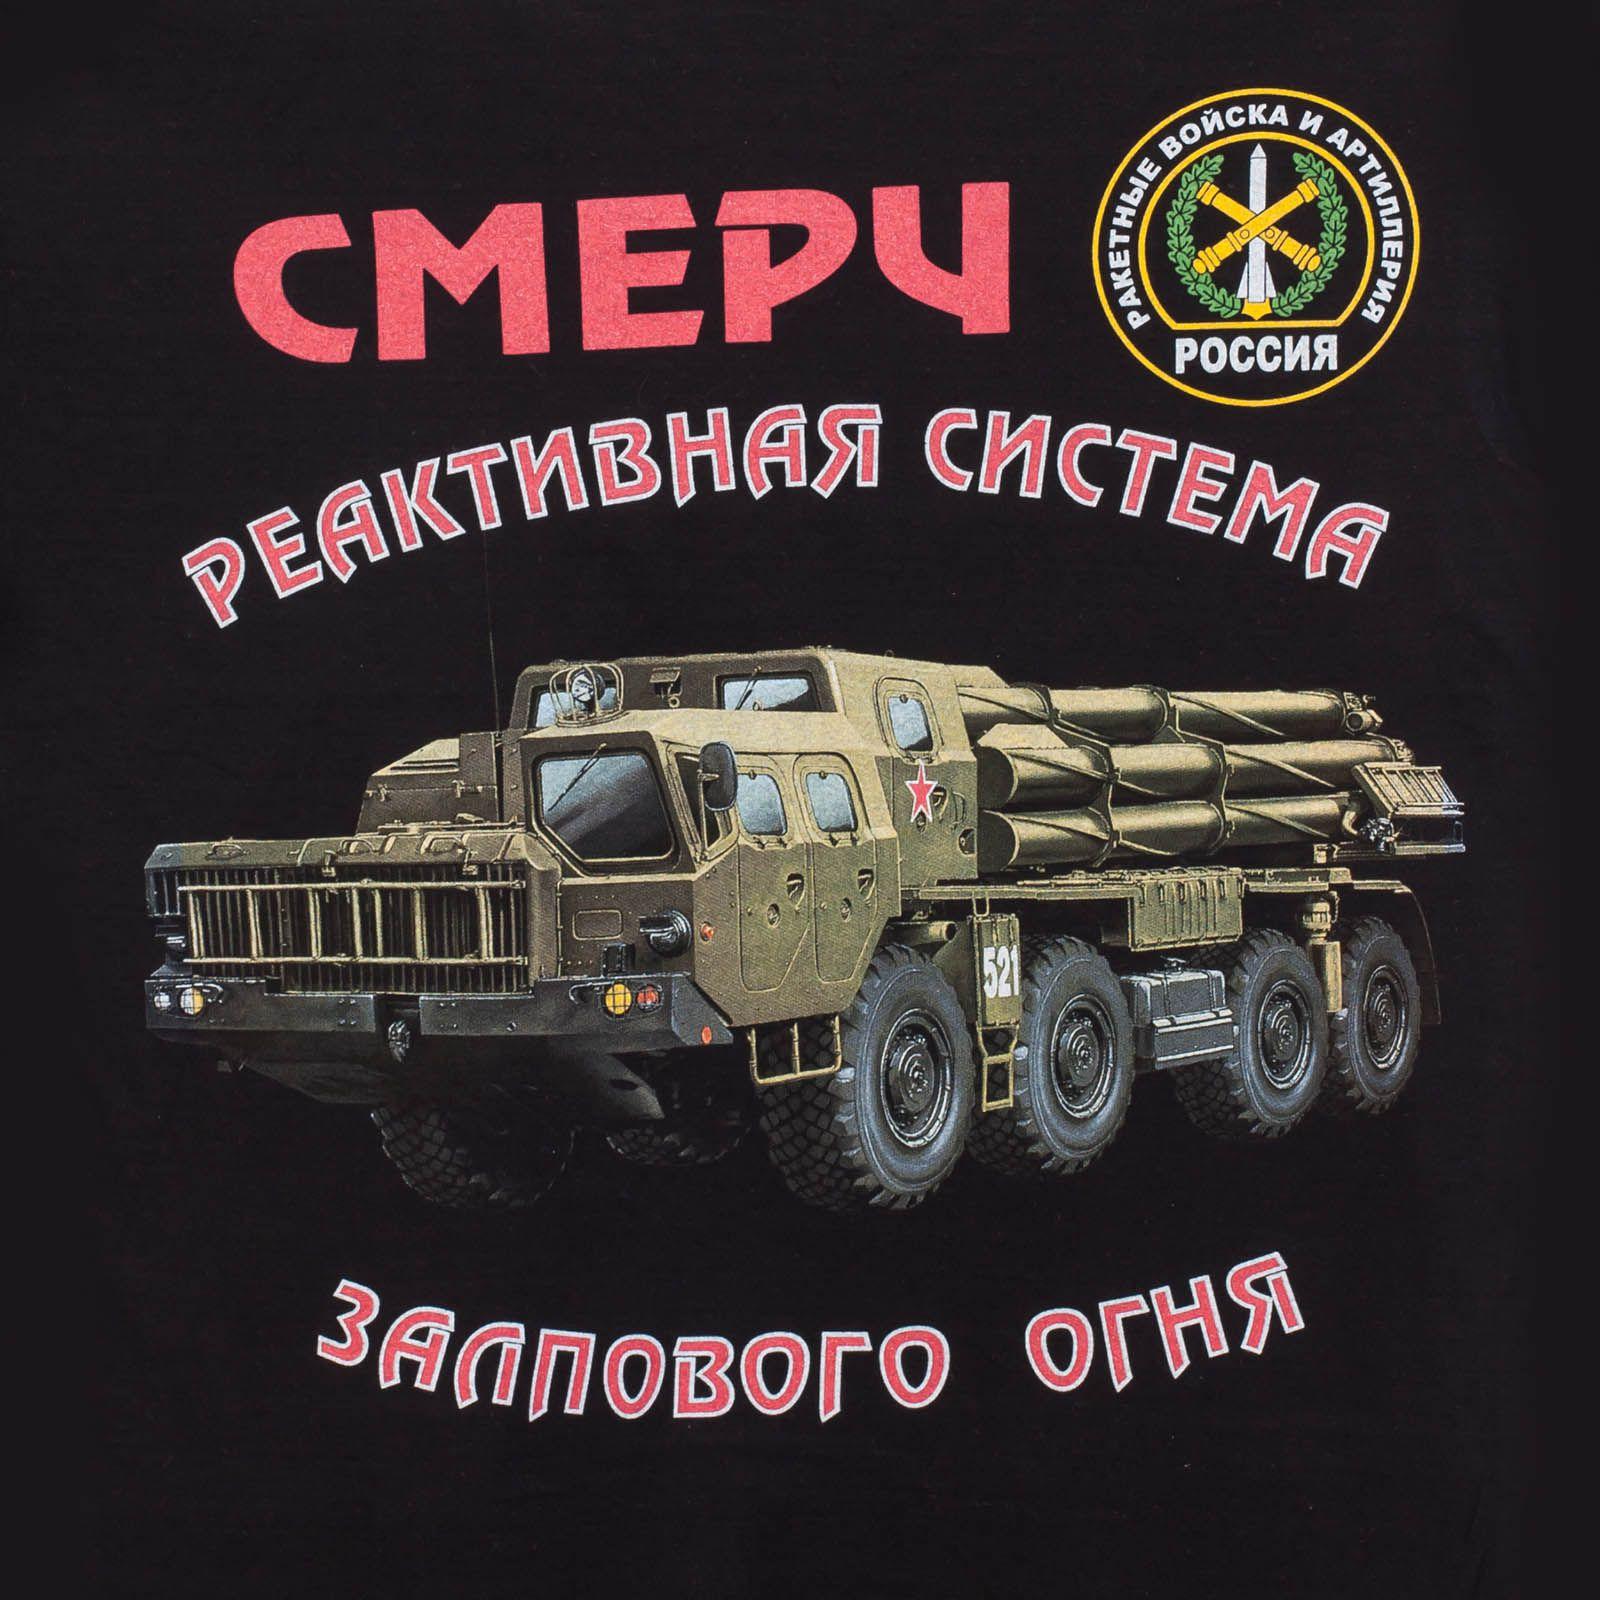 """Футболка Ракетных войск и Артиллерии """"РВиА"""" - принт"""